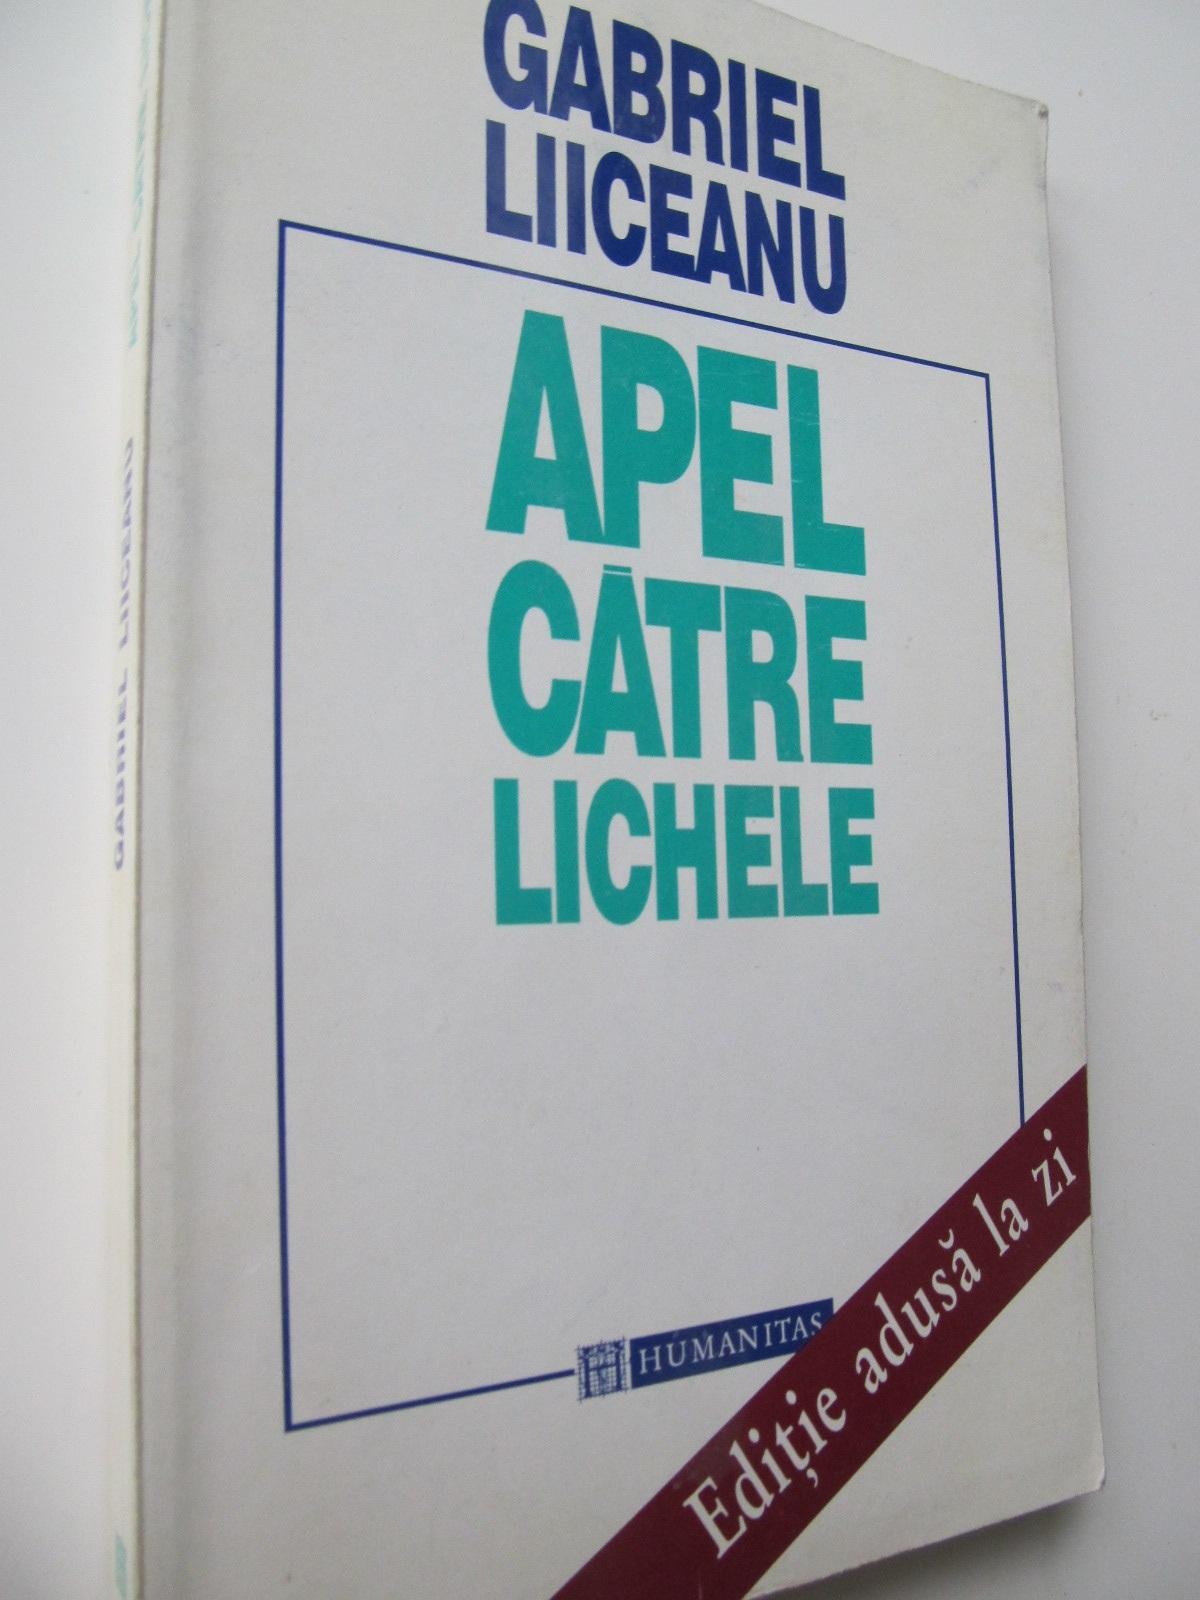 Apel catre lichele - Gabriel Liiceanu | Detalii carte